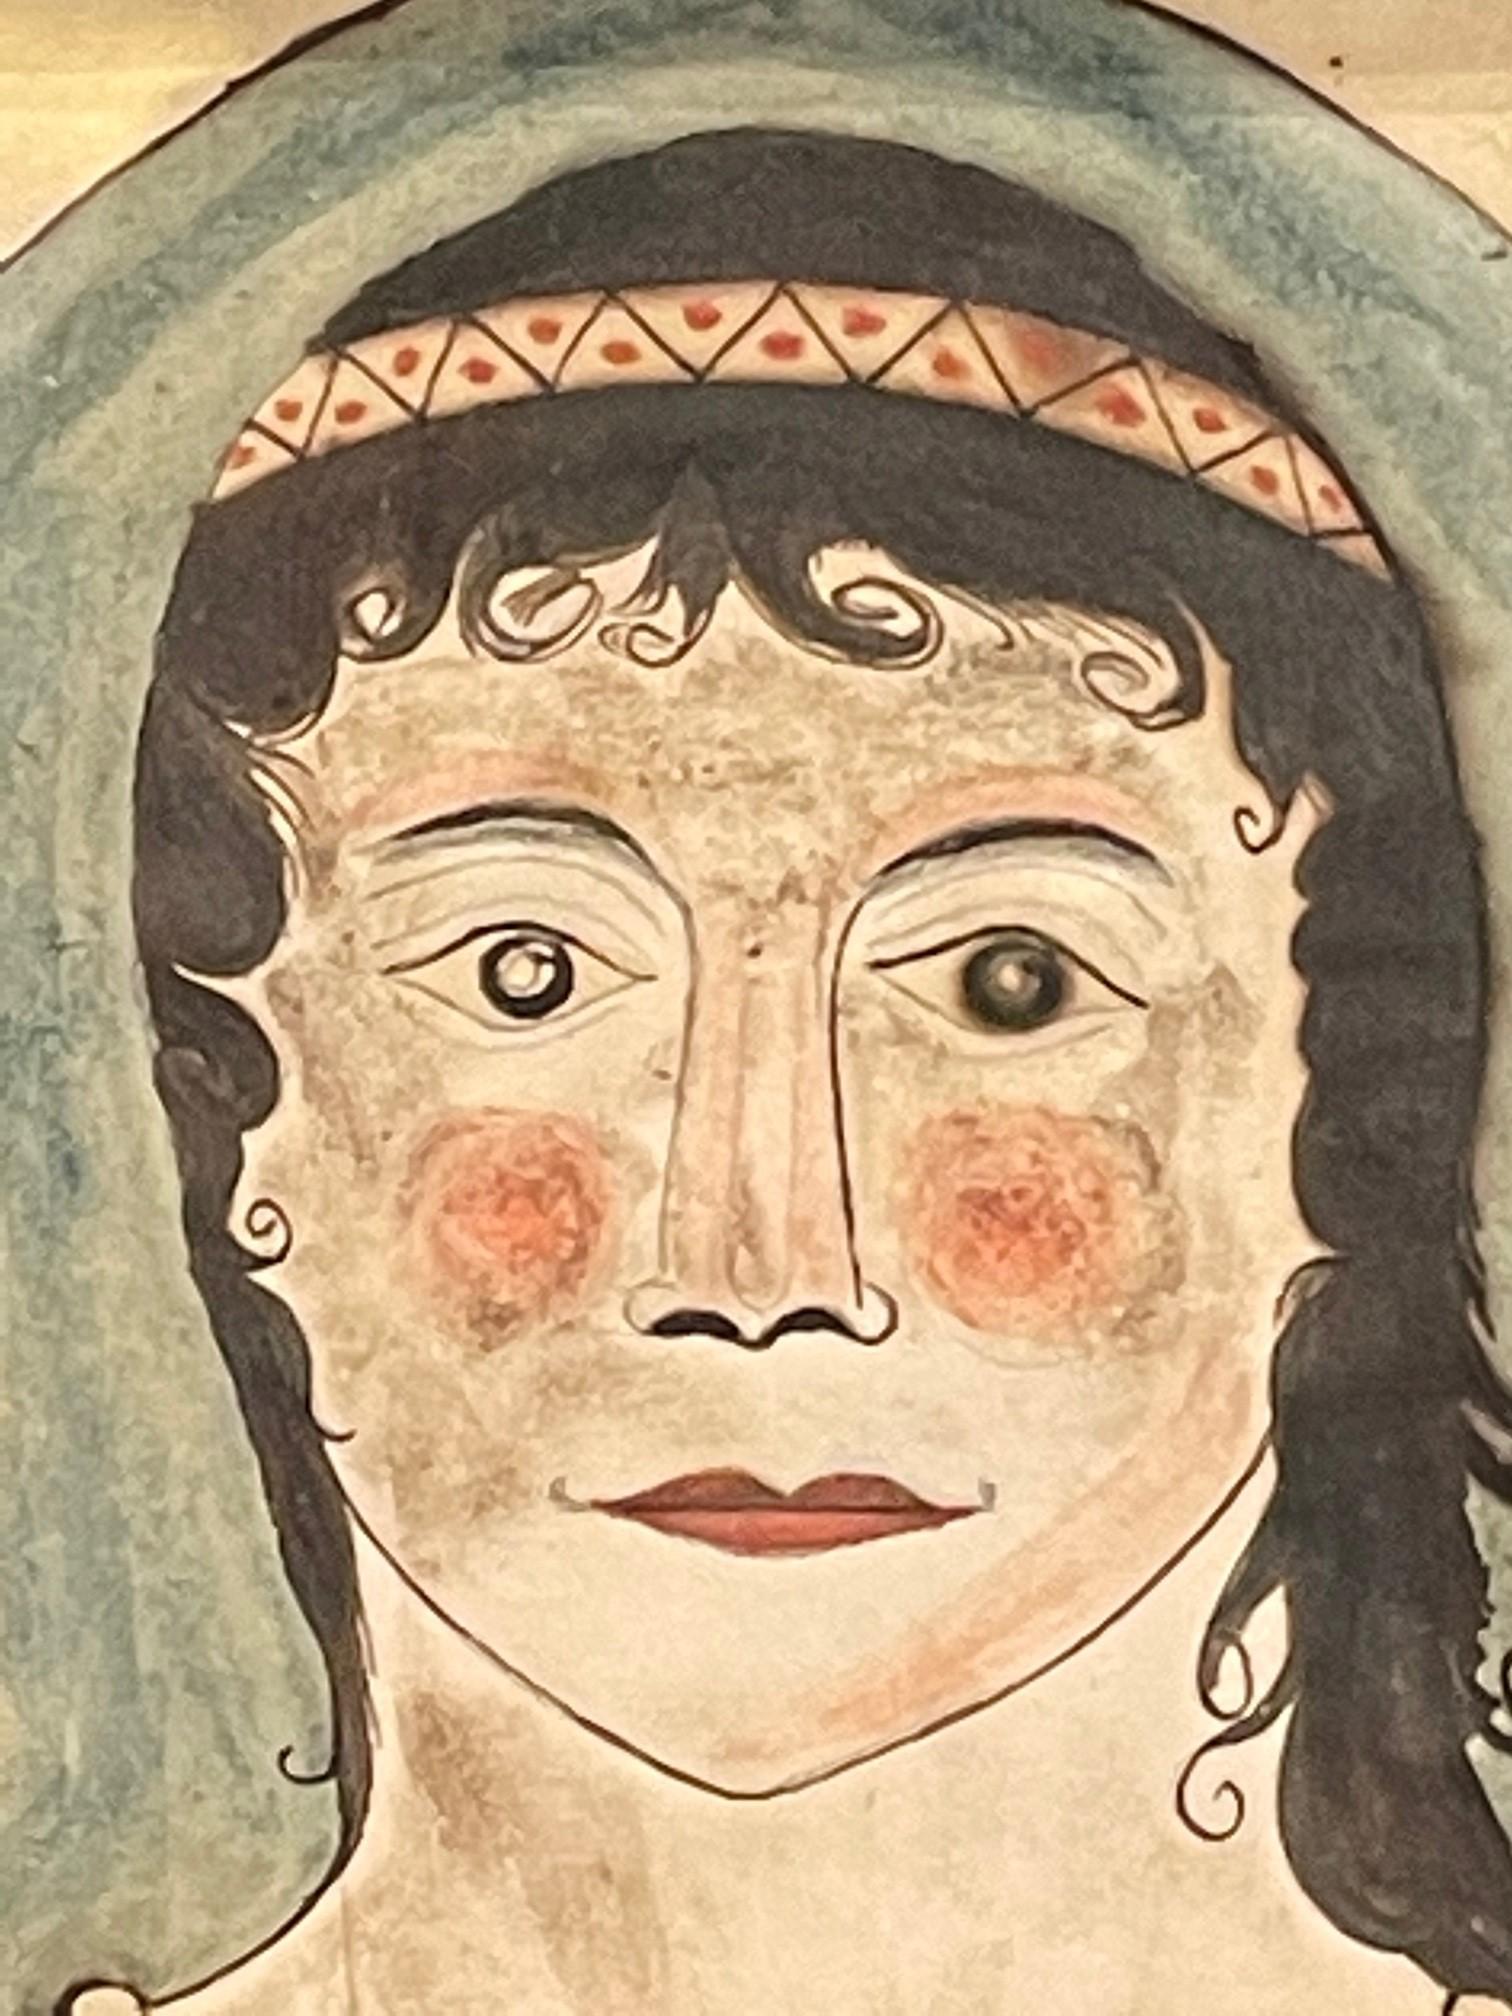 american folk watercolor portrait rel=